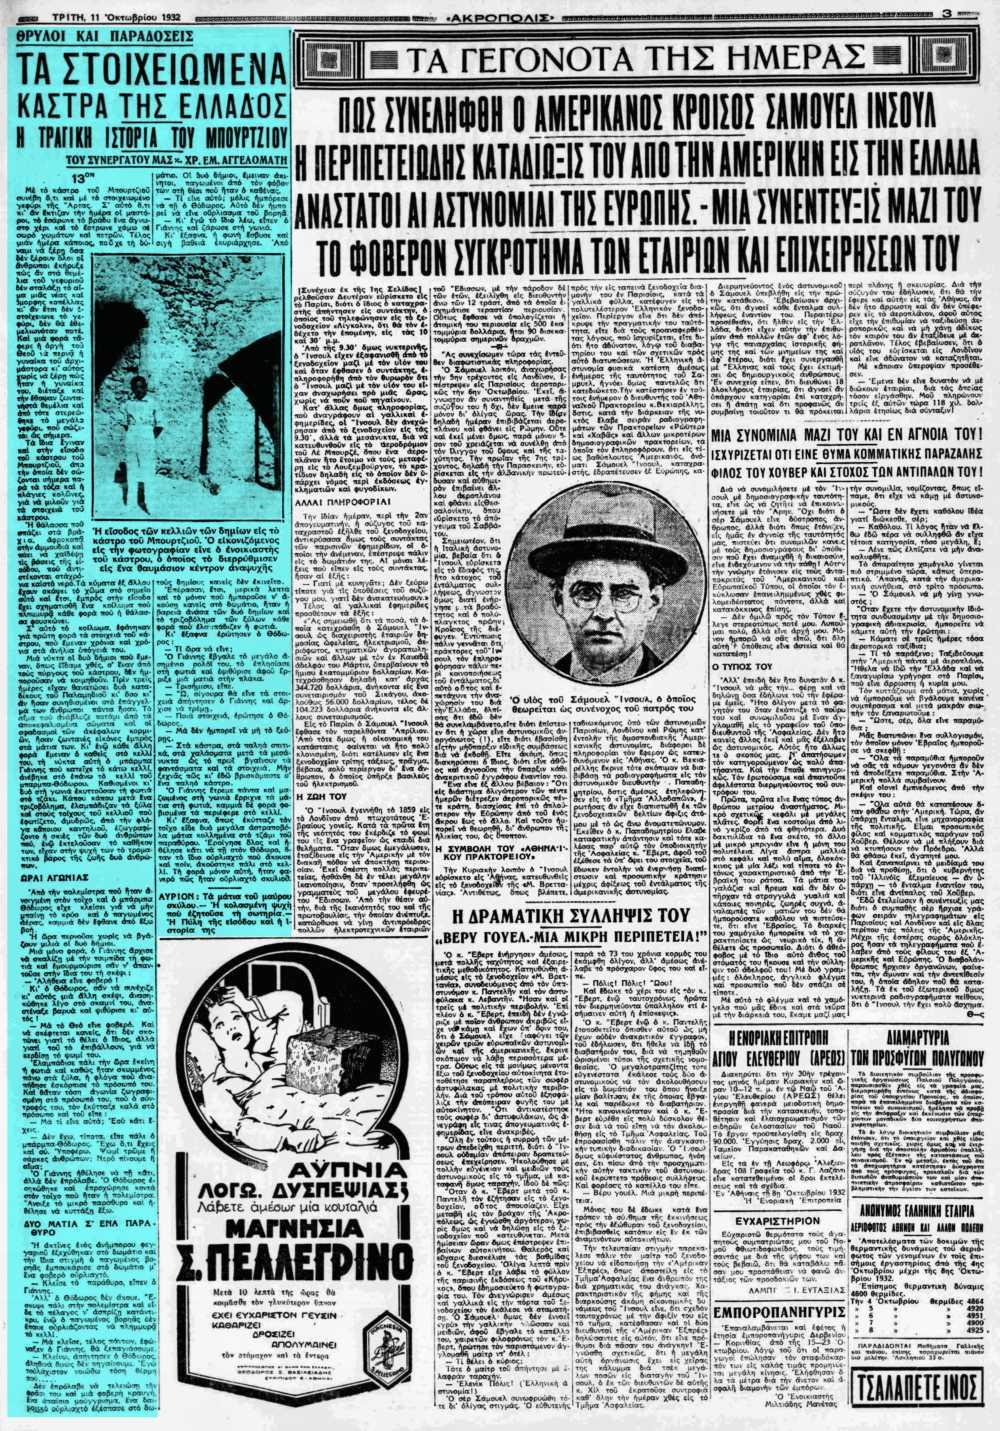 """Το άρθρο, όπως δημοσιεύθηκε στην εφημερίδα """"ΑΚΡΟΠΟΛΙΣ"""", στις 11/10/1932"""